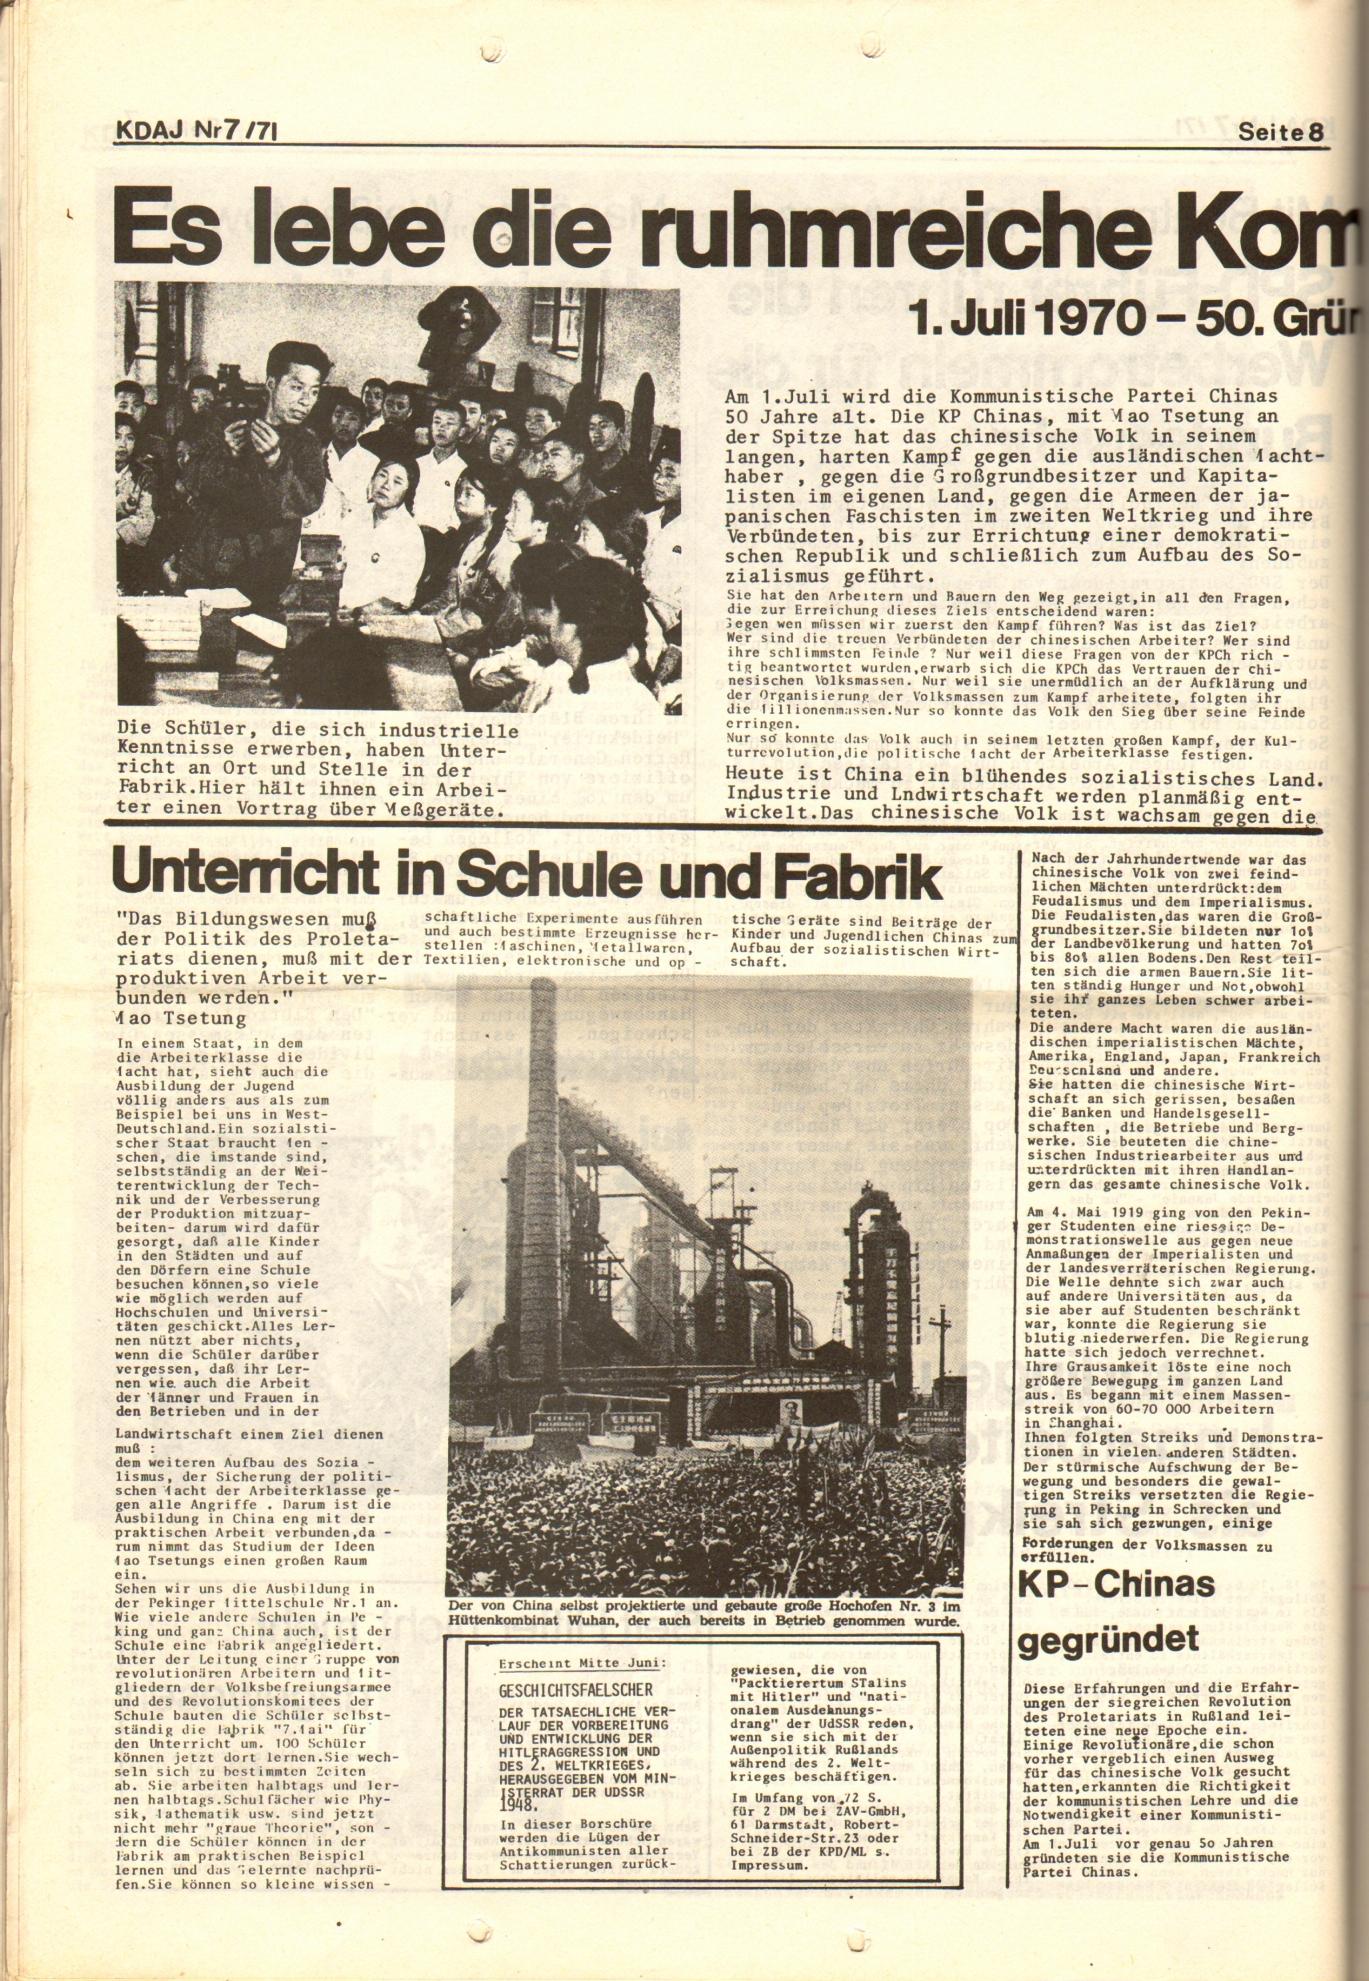 KDAJ, 2. Jg., Juli 1971, Nr. 7, Seite 8